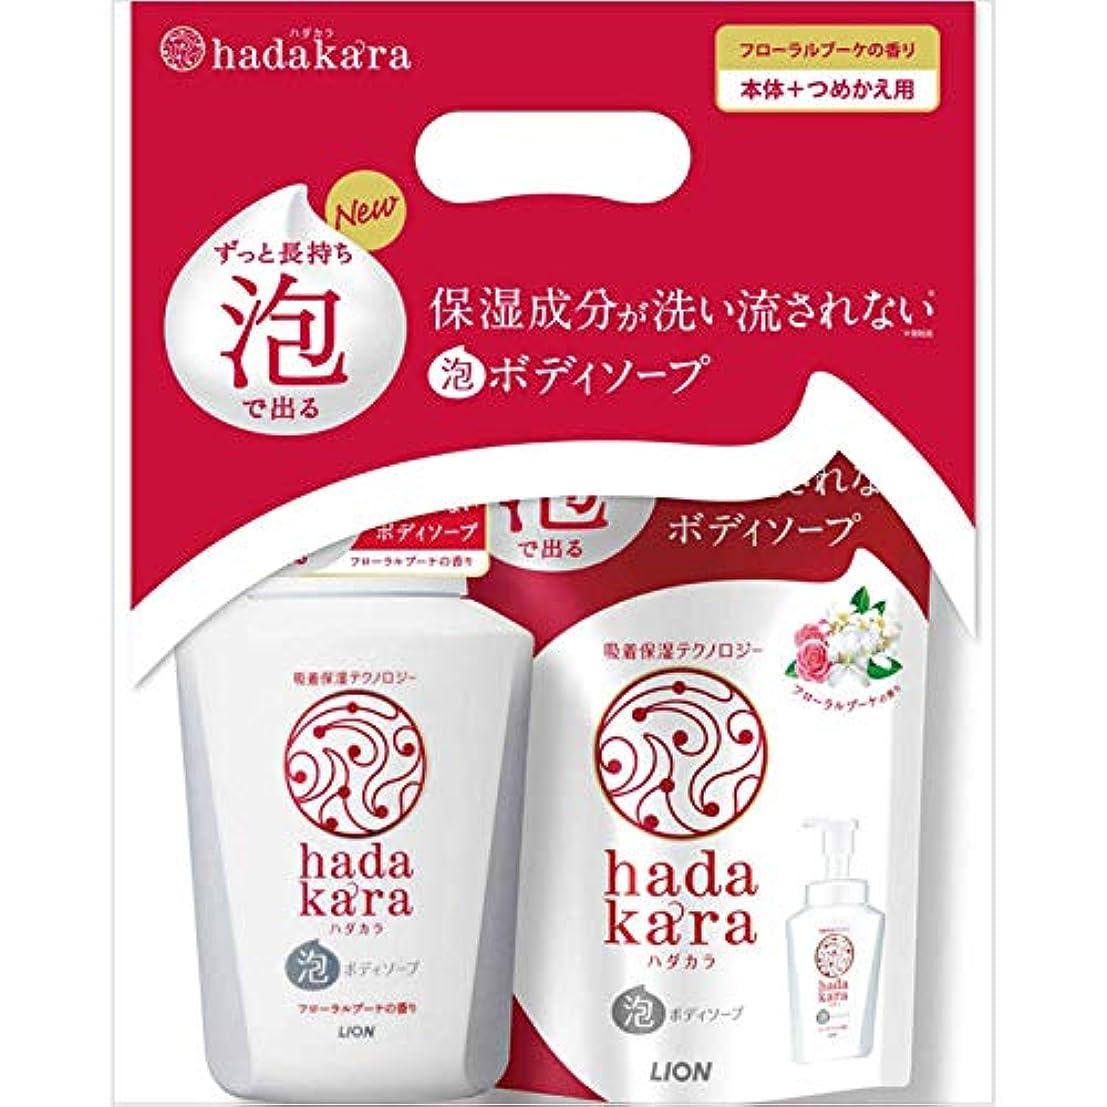 ライオン hadakara泡タイプ 本体+詰替ペアパック フローラルブーケの香り セット